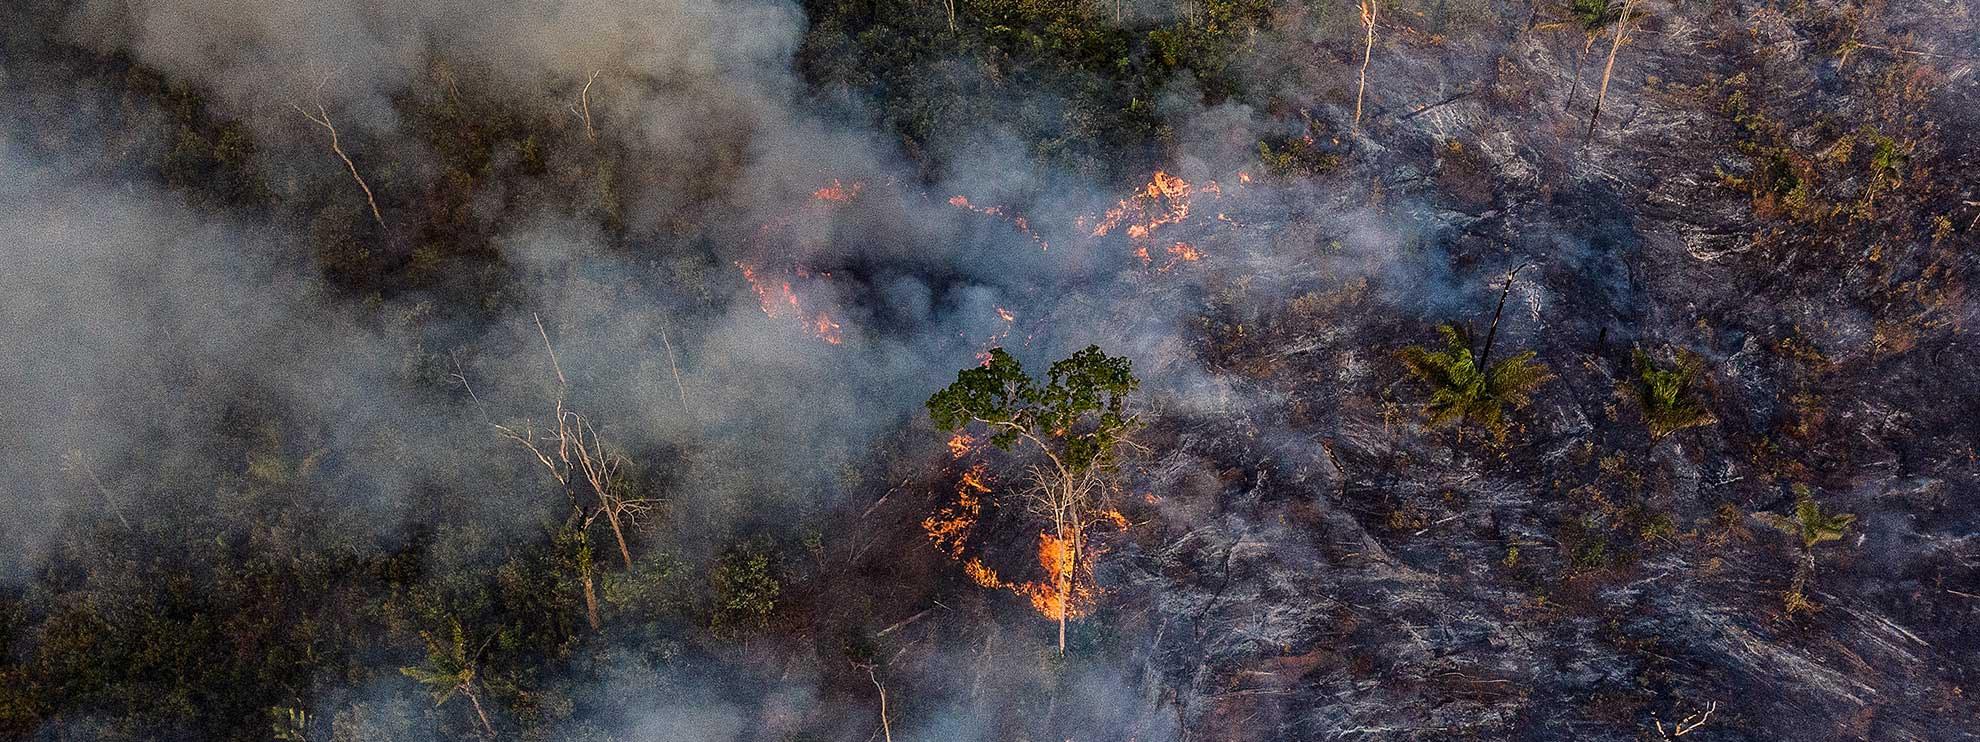 Aufnahme des Amazonaswaldes, aufgenommen von einer Drohne. © Anthony Cole / Amnesty International